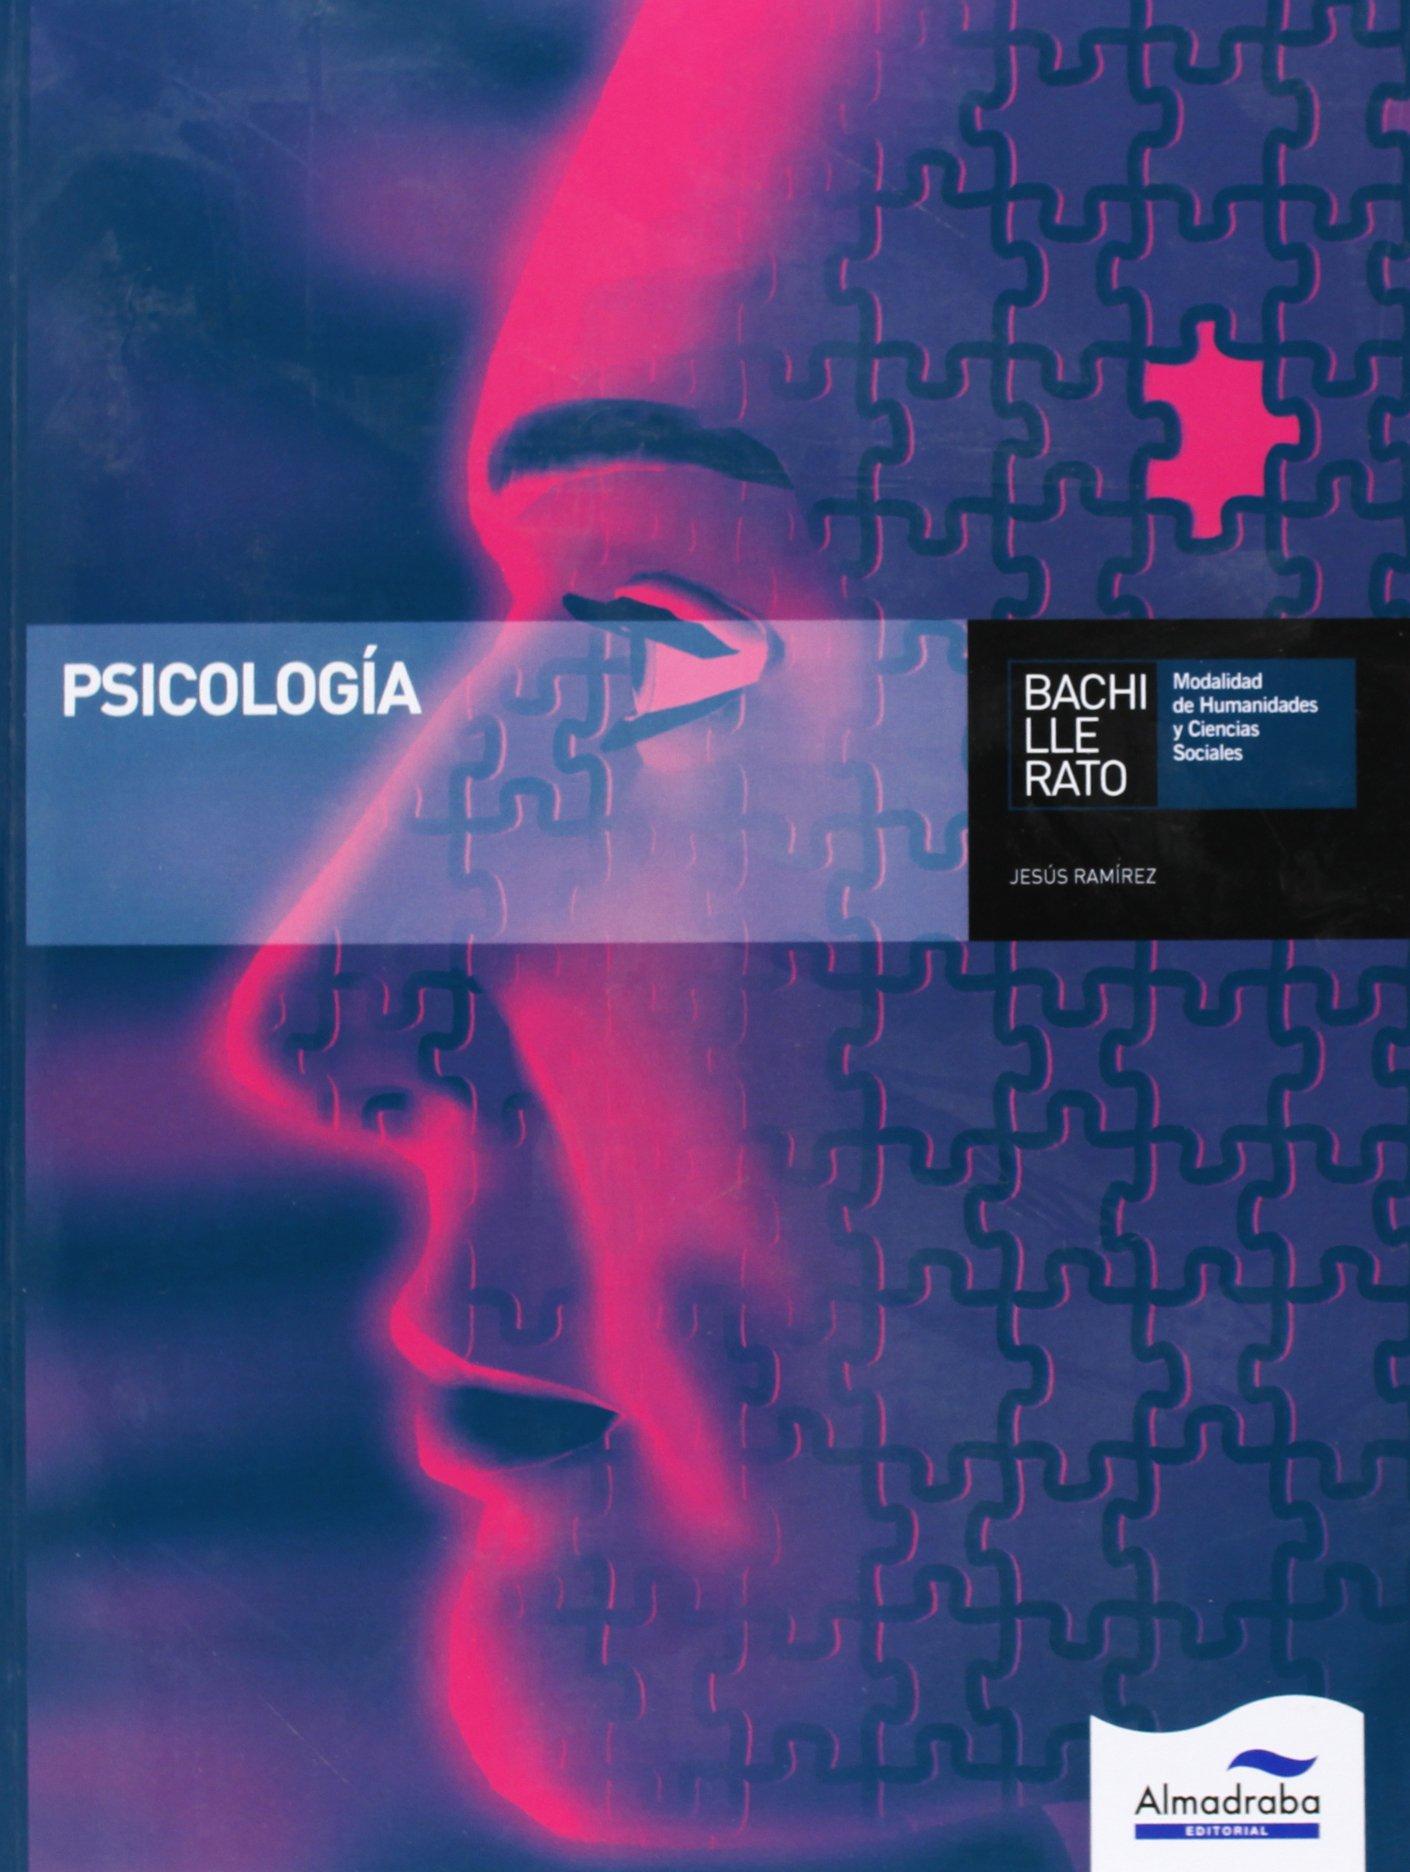 Psicología. Bachillerato - 9788483089187: Amazon.es: Ramírez Cabañas, Jesús: Libros